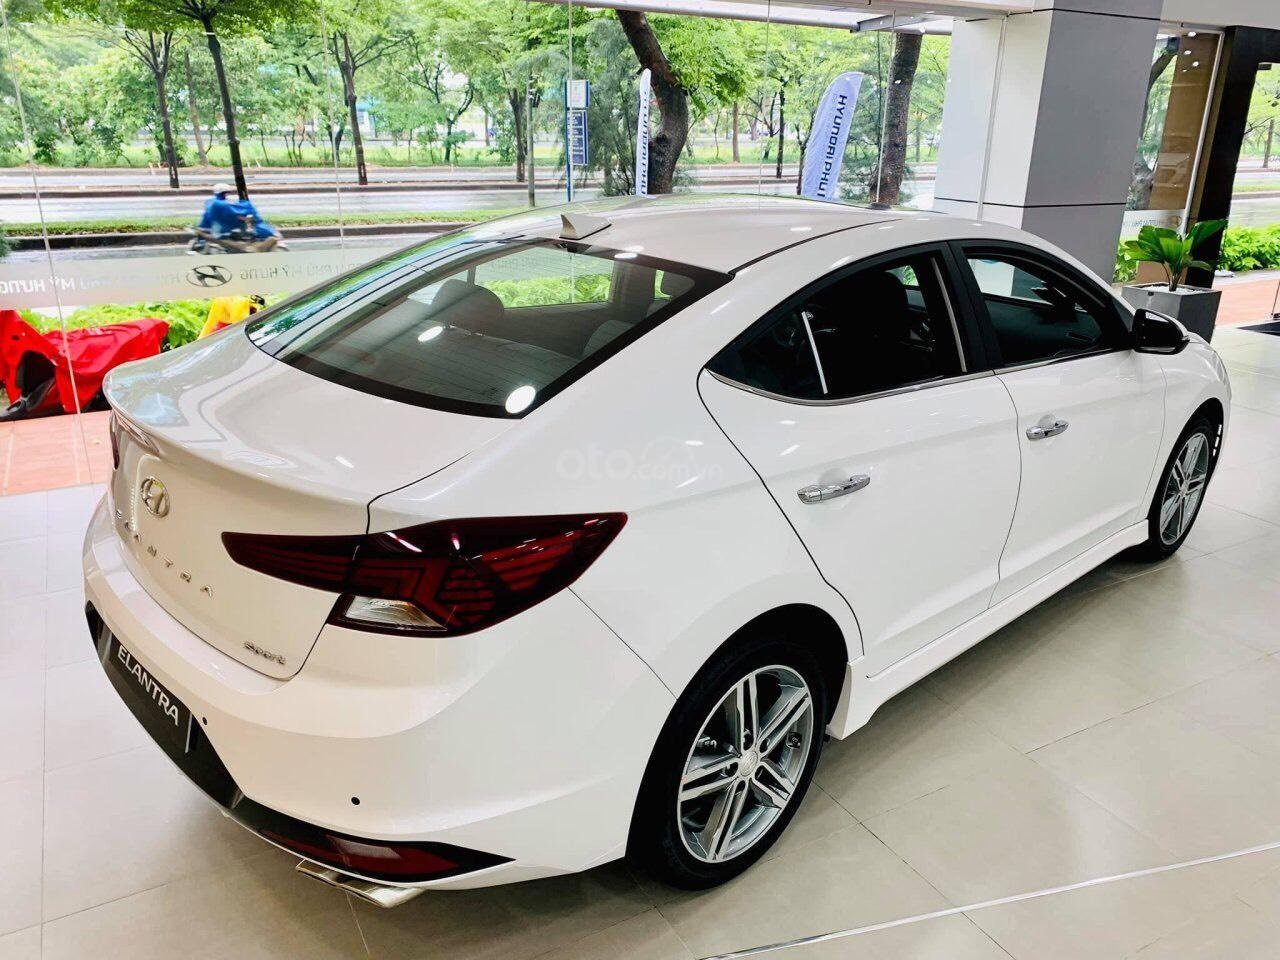 Hyundai Elantra giá cực tốt, nhiều khuyến mãi và quà tặng, hỗ trợ ngân hàng 80% giá xe (5)